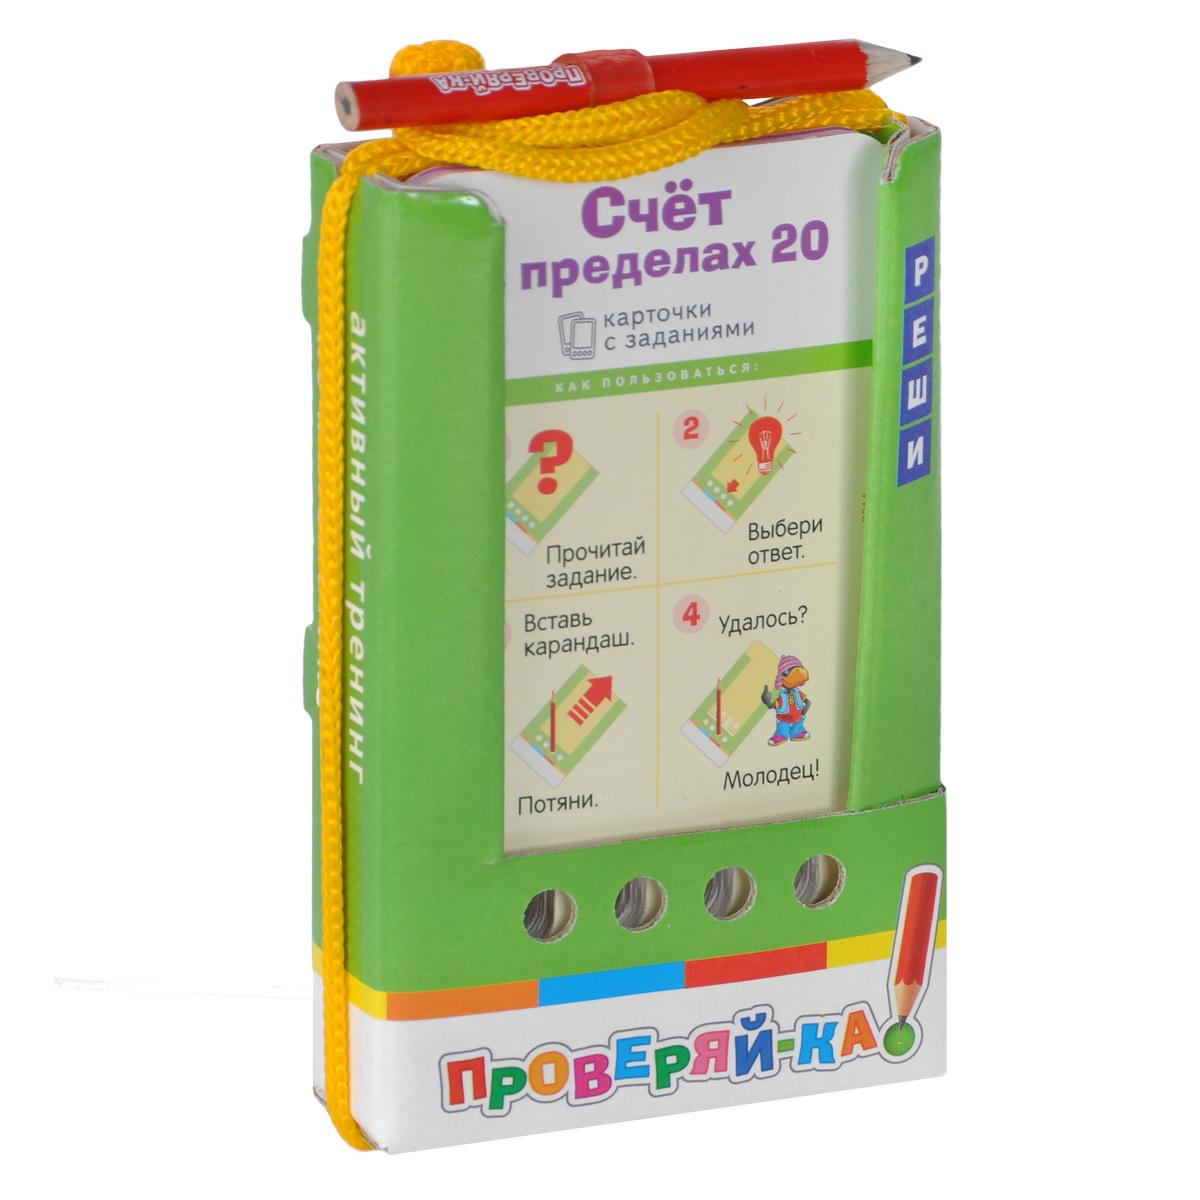 Айрис-пресс Обучающая игра Счет в пределах 20978-5-8112-5218-3Комплект состоит из 48 двухсторонних карточек и рассчитан на две разных игры с цветной и чёрно-белой сторонами. Задания ориентированы на автоматизацию навыка сложения и вычитания в пределах 20. Условия игры с карточками подразумевают их многократное использование. Простота и удобство комплекта позволяют организовать игру в школе и дома, а также в транспорте или на природе. Благодаря игровой форме пособия учебный материал усваивается легче и без принуждения, реализуется безопасное для здоровья ребёнка обучение.